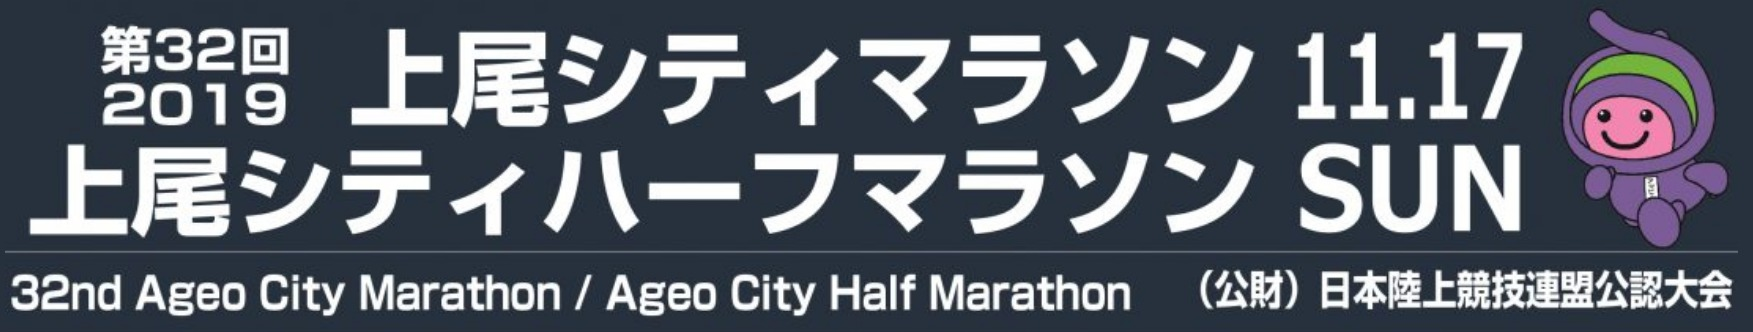 上尾シティハーフマラソン